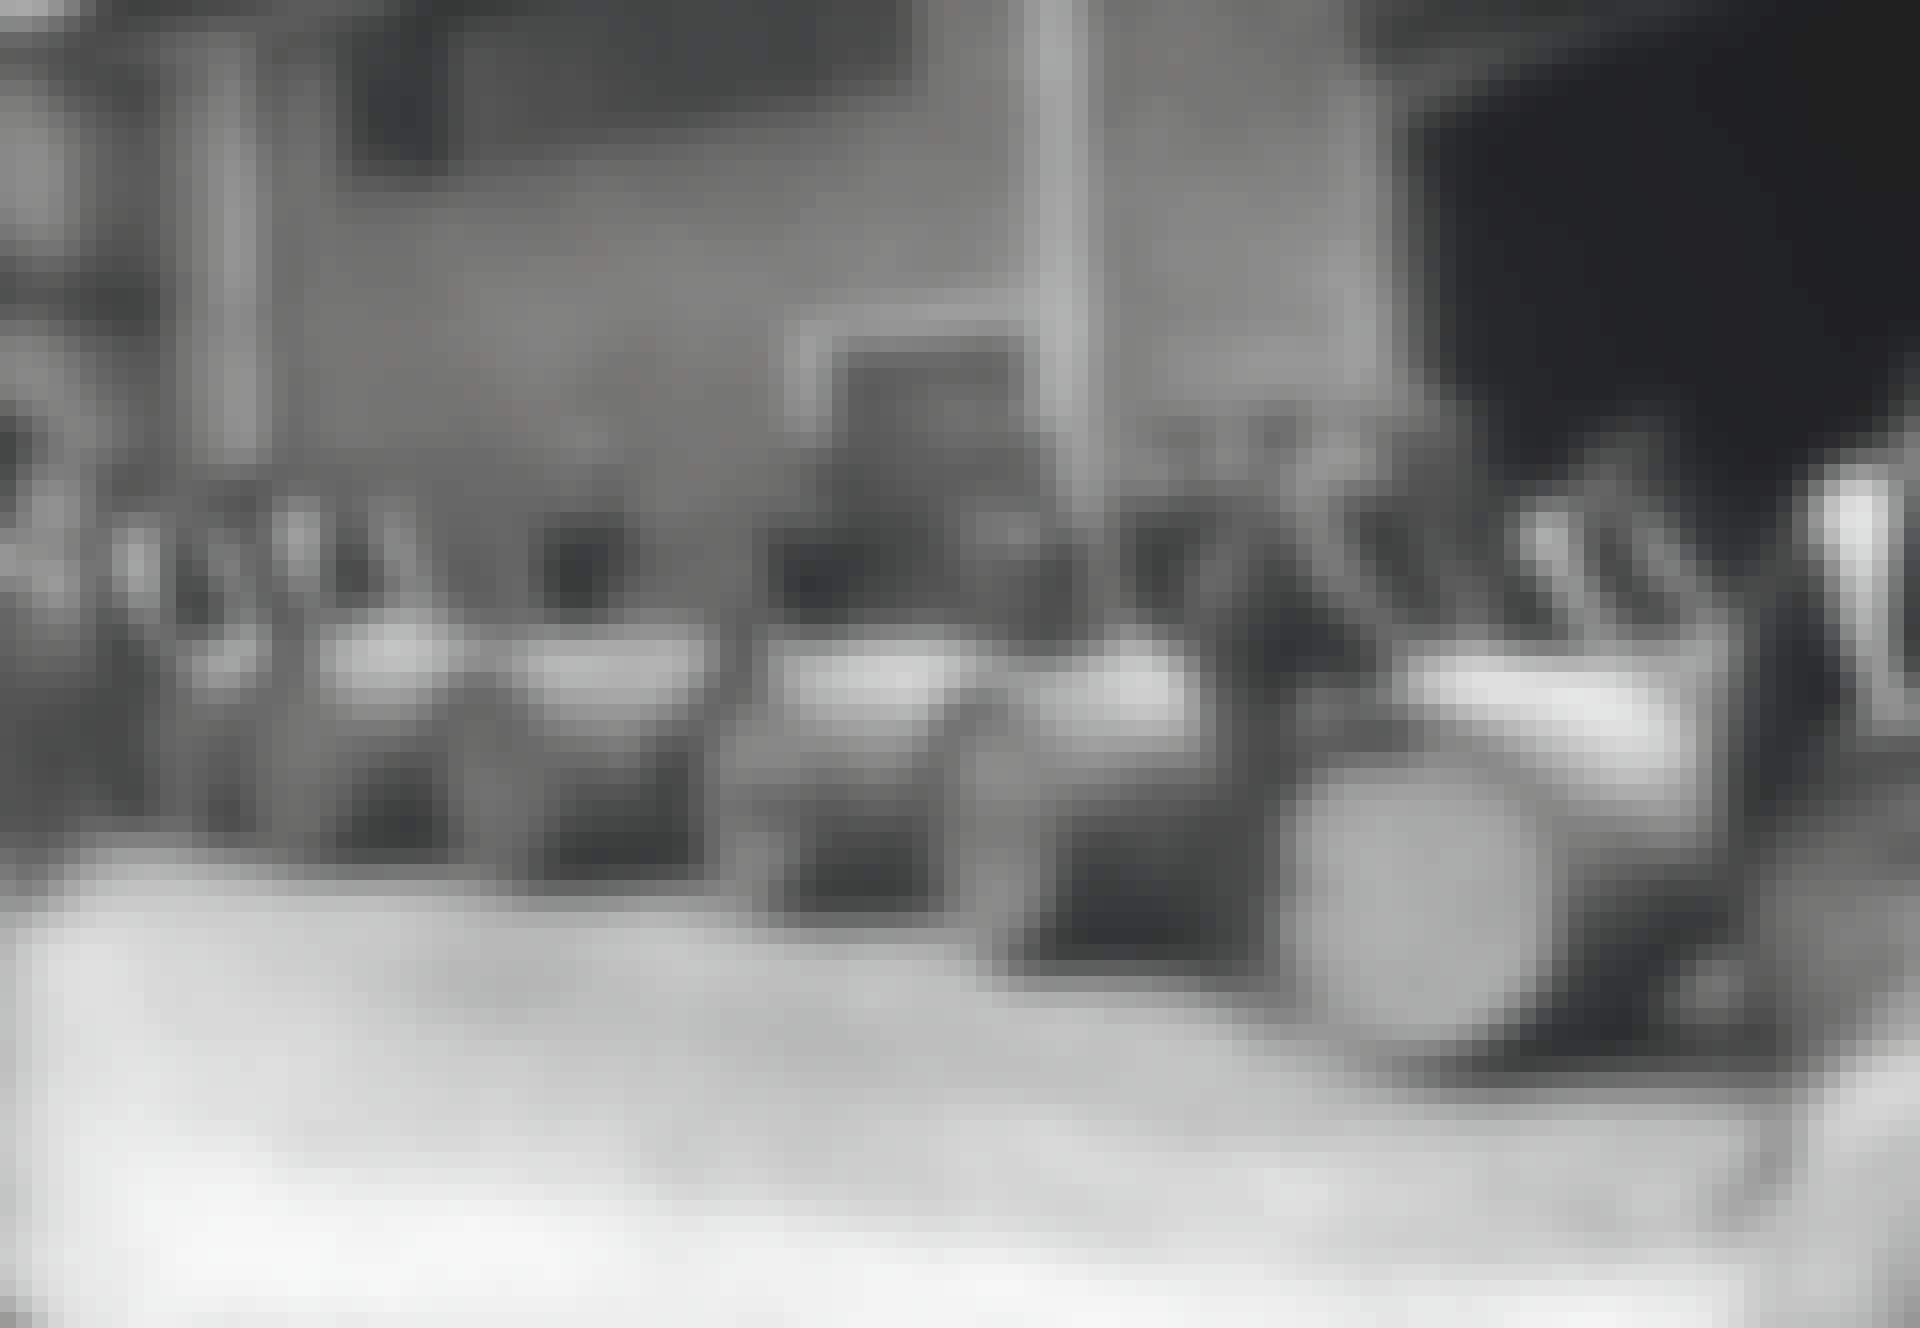 romtønder rulles af en række mænd